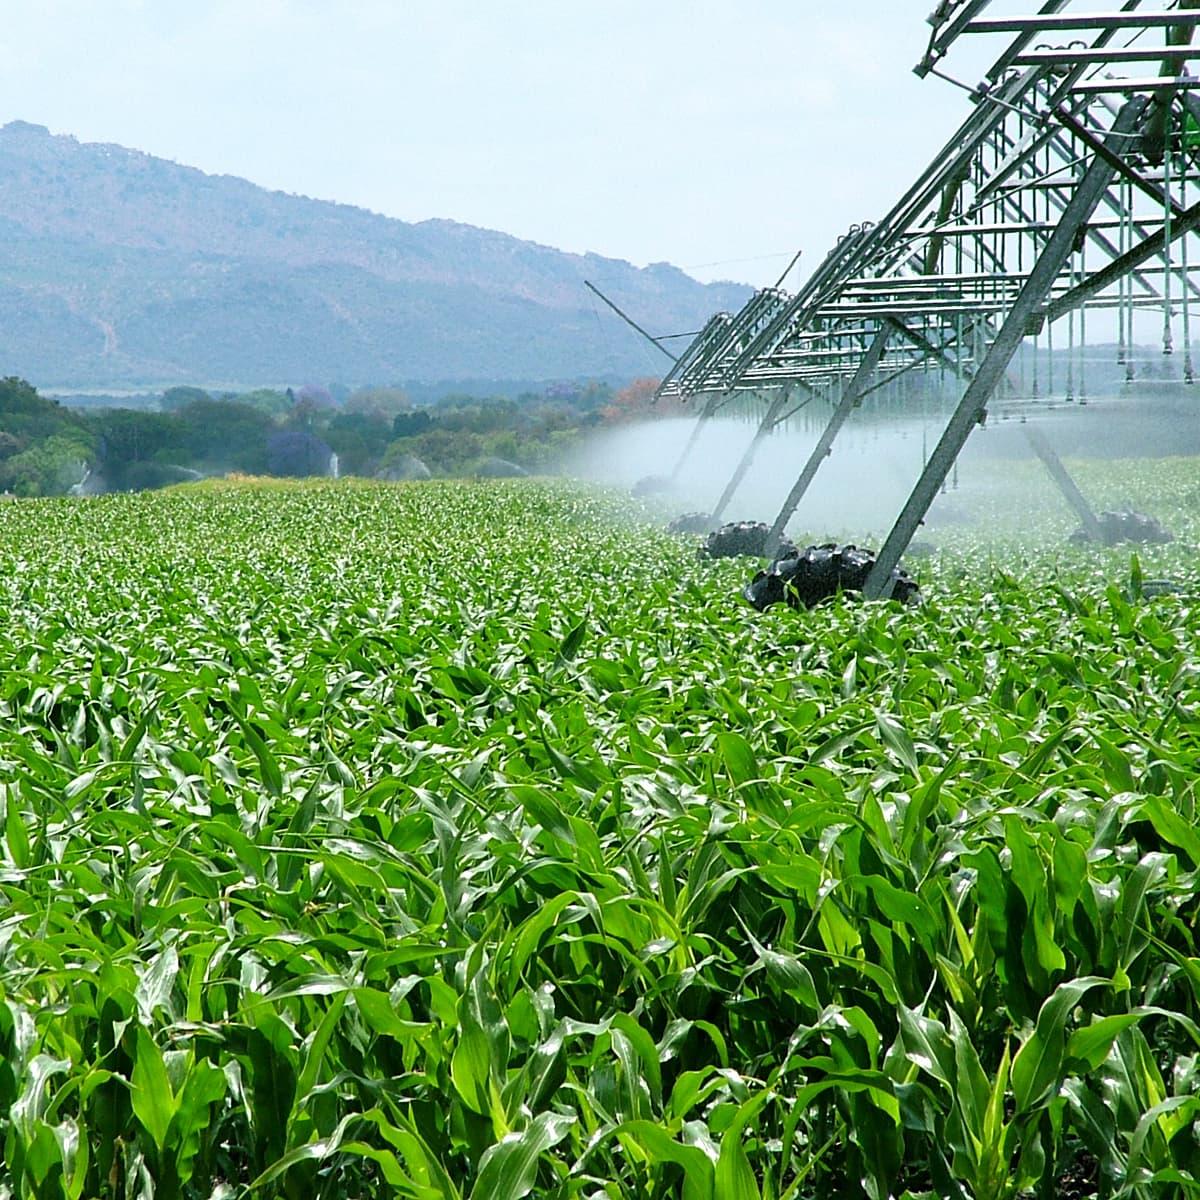 O julgamento do Tema 796 pelo STF e sua inaplicabilidade às holdings rurais